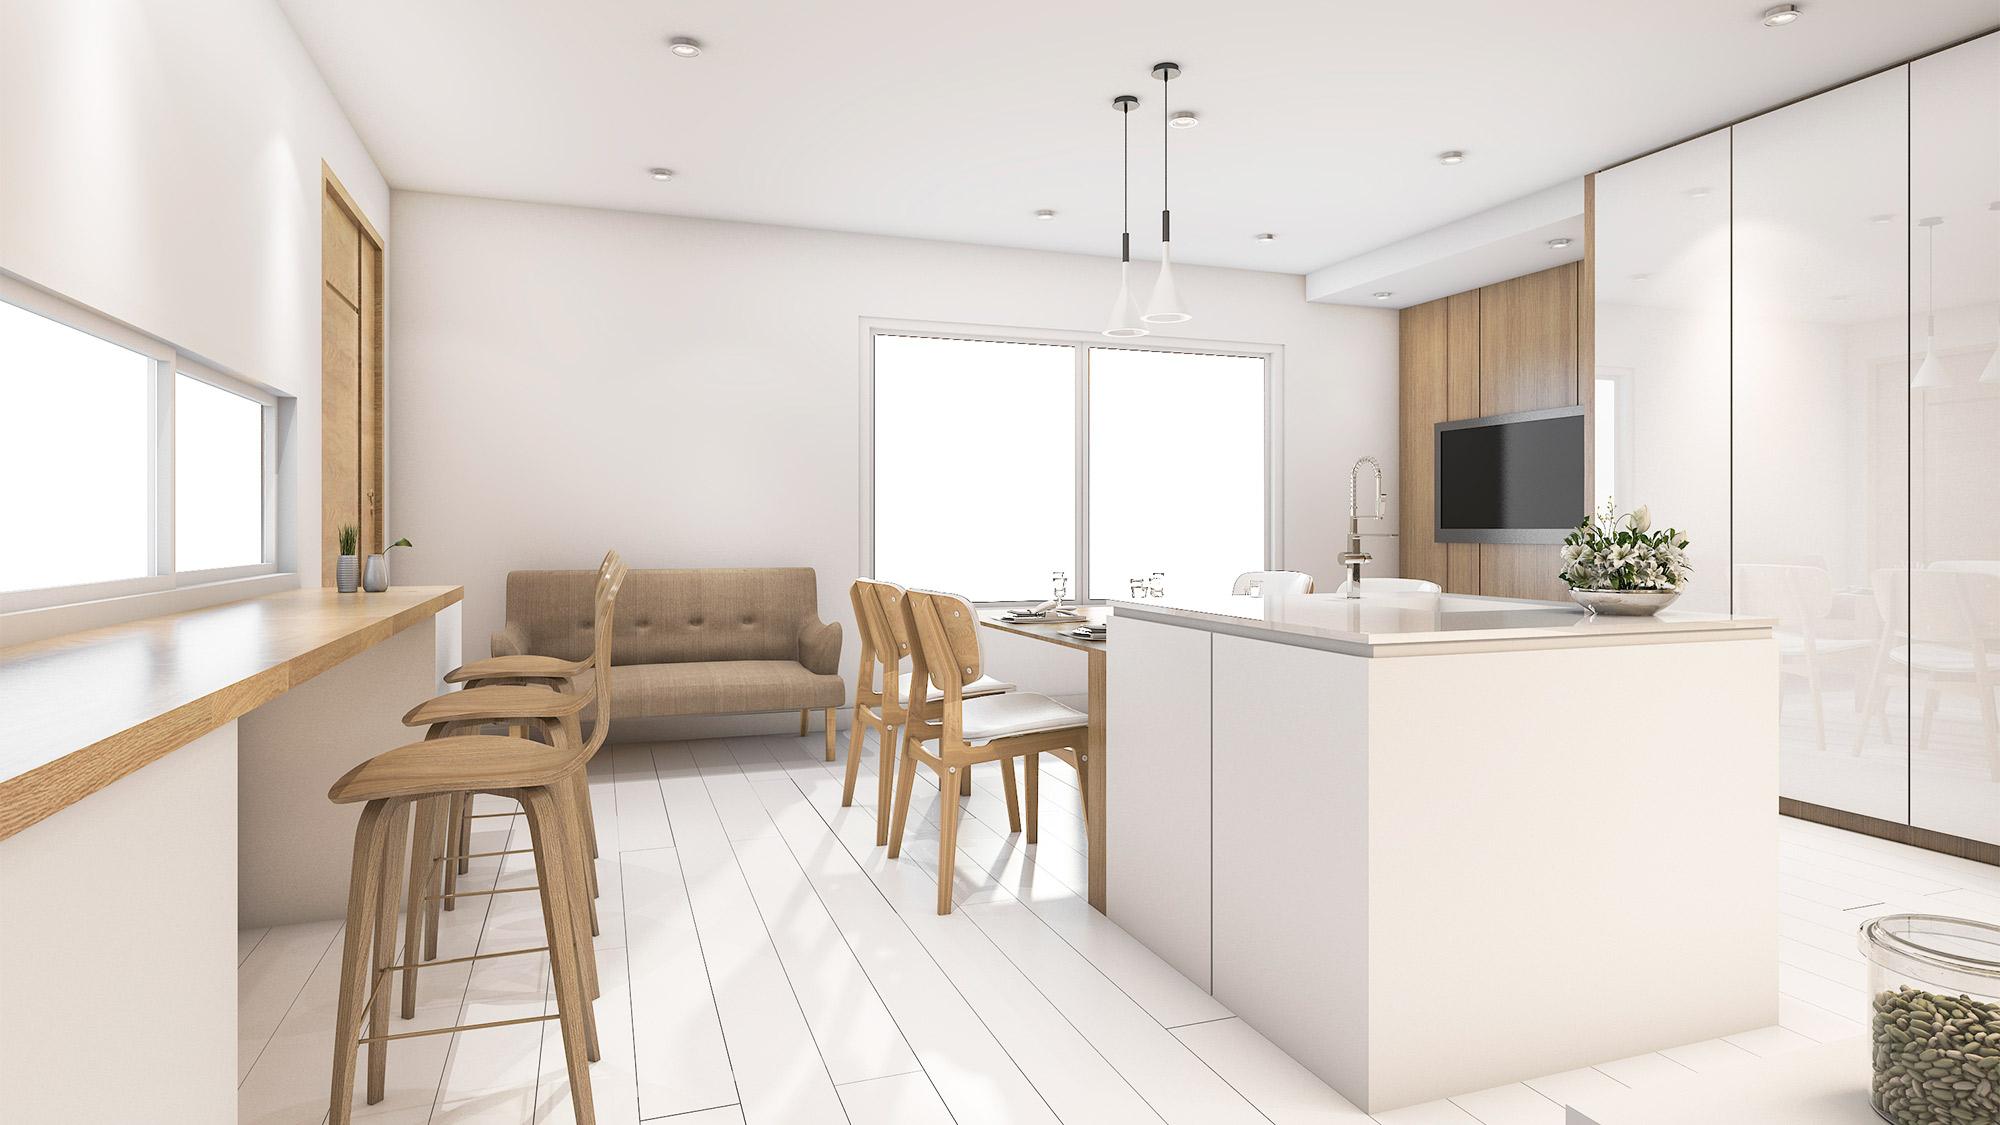 5 White kitchens we love - Part I